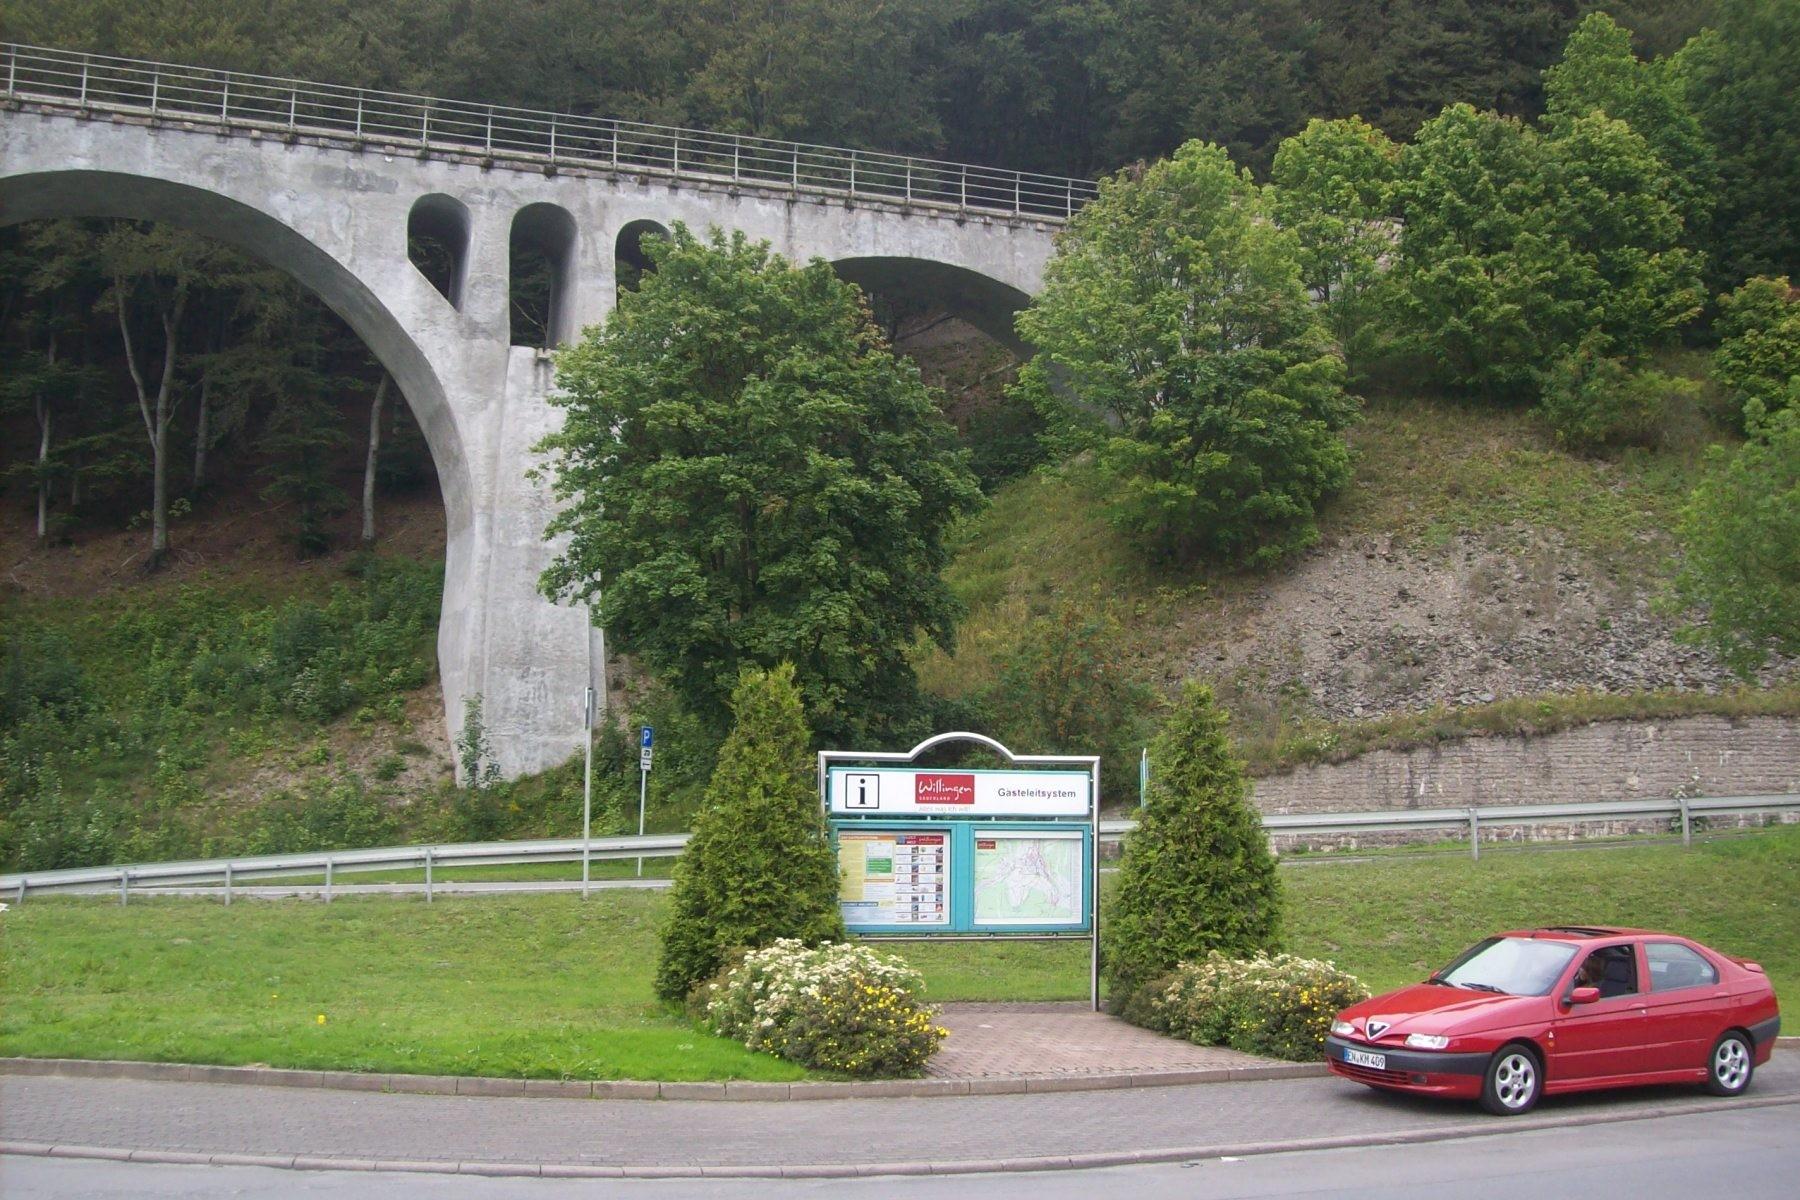 Viadukt in Willingen (Sauerland)